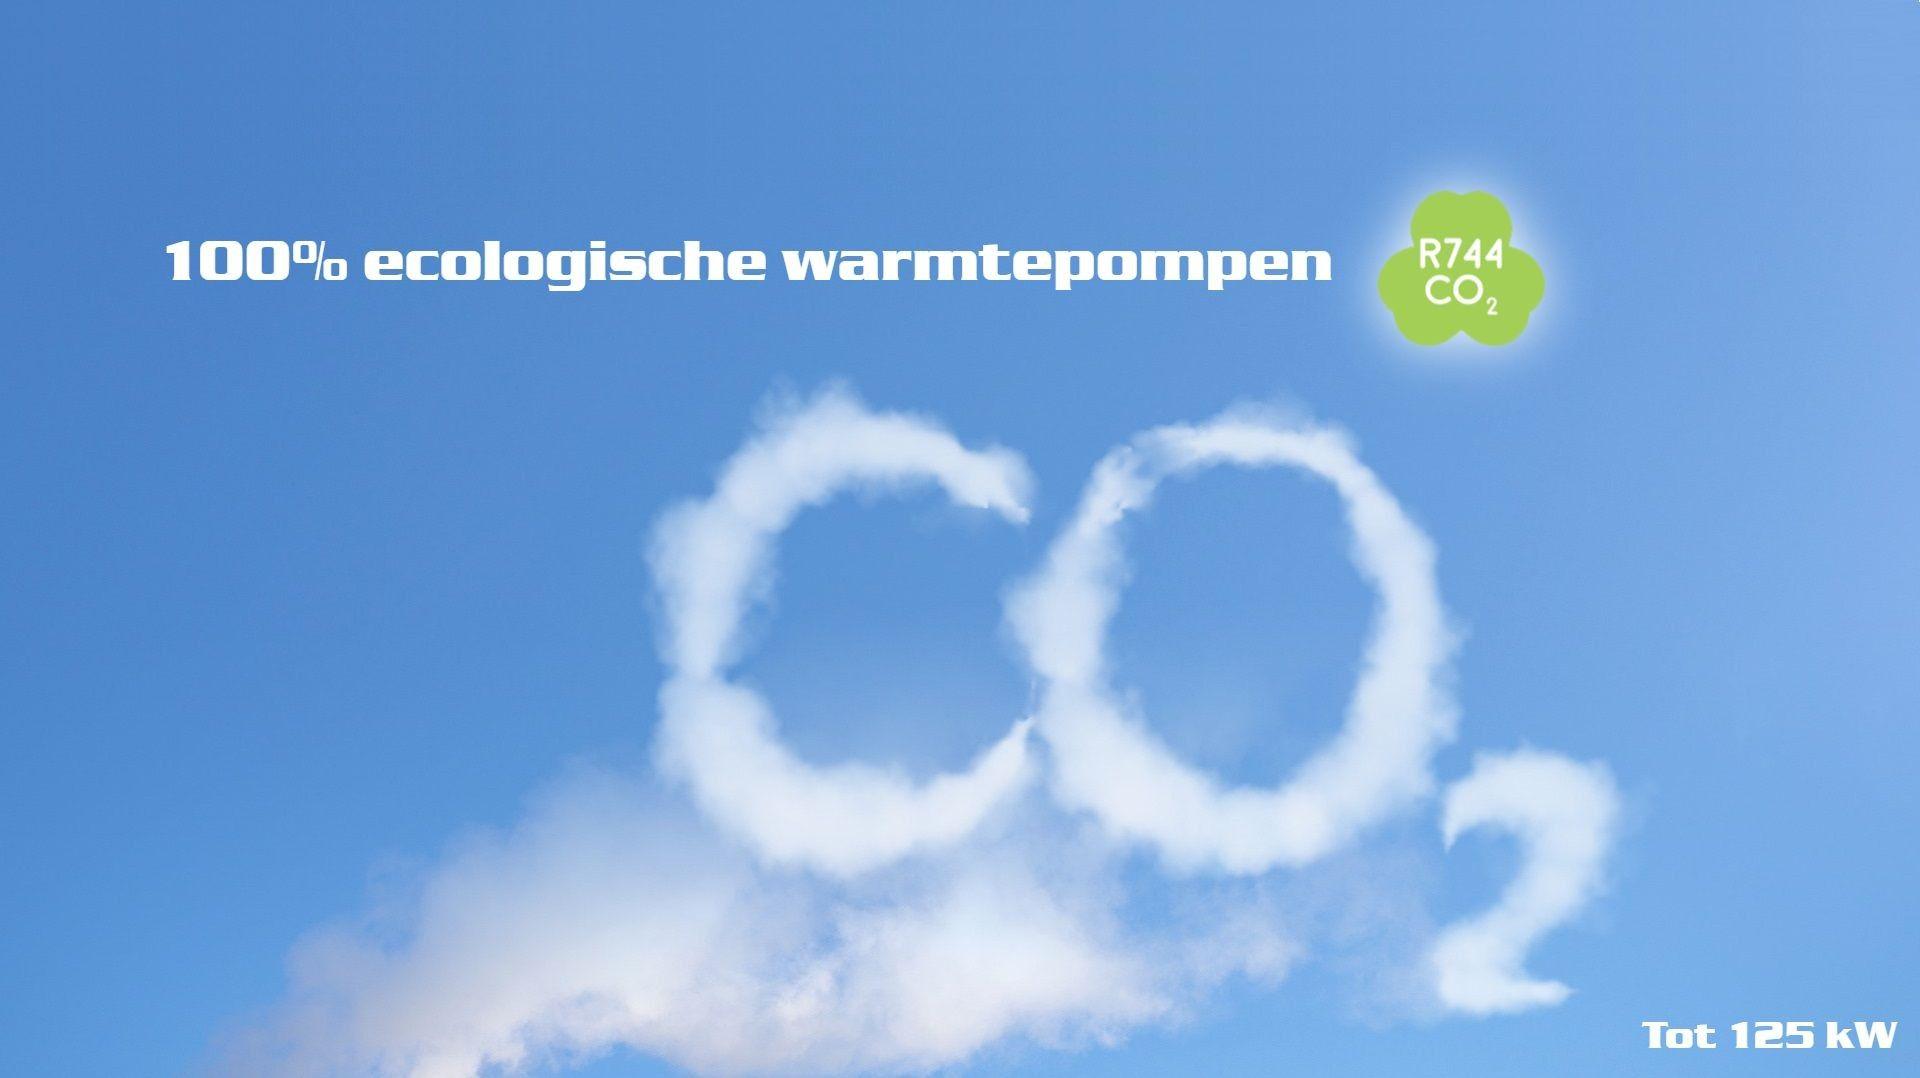 Warmtepompen met CO2-compressor R744